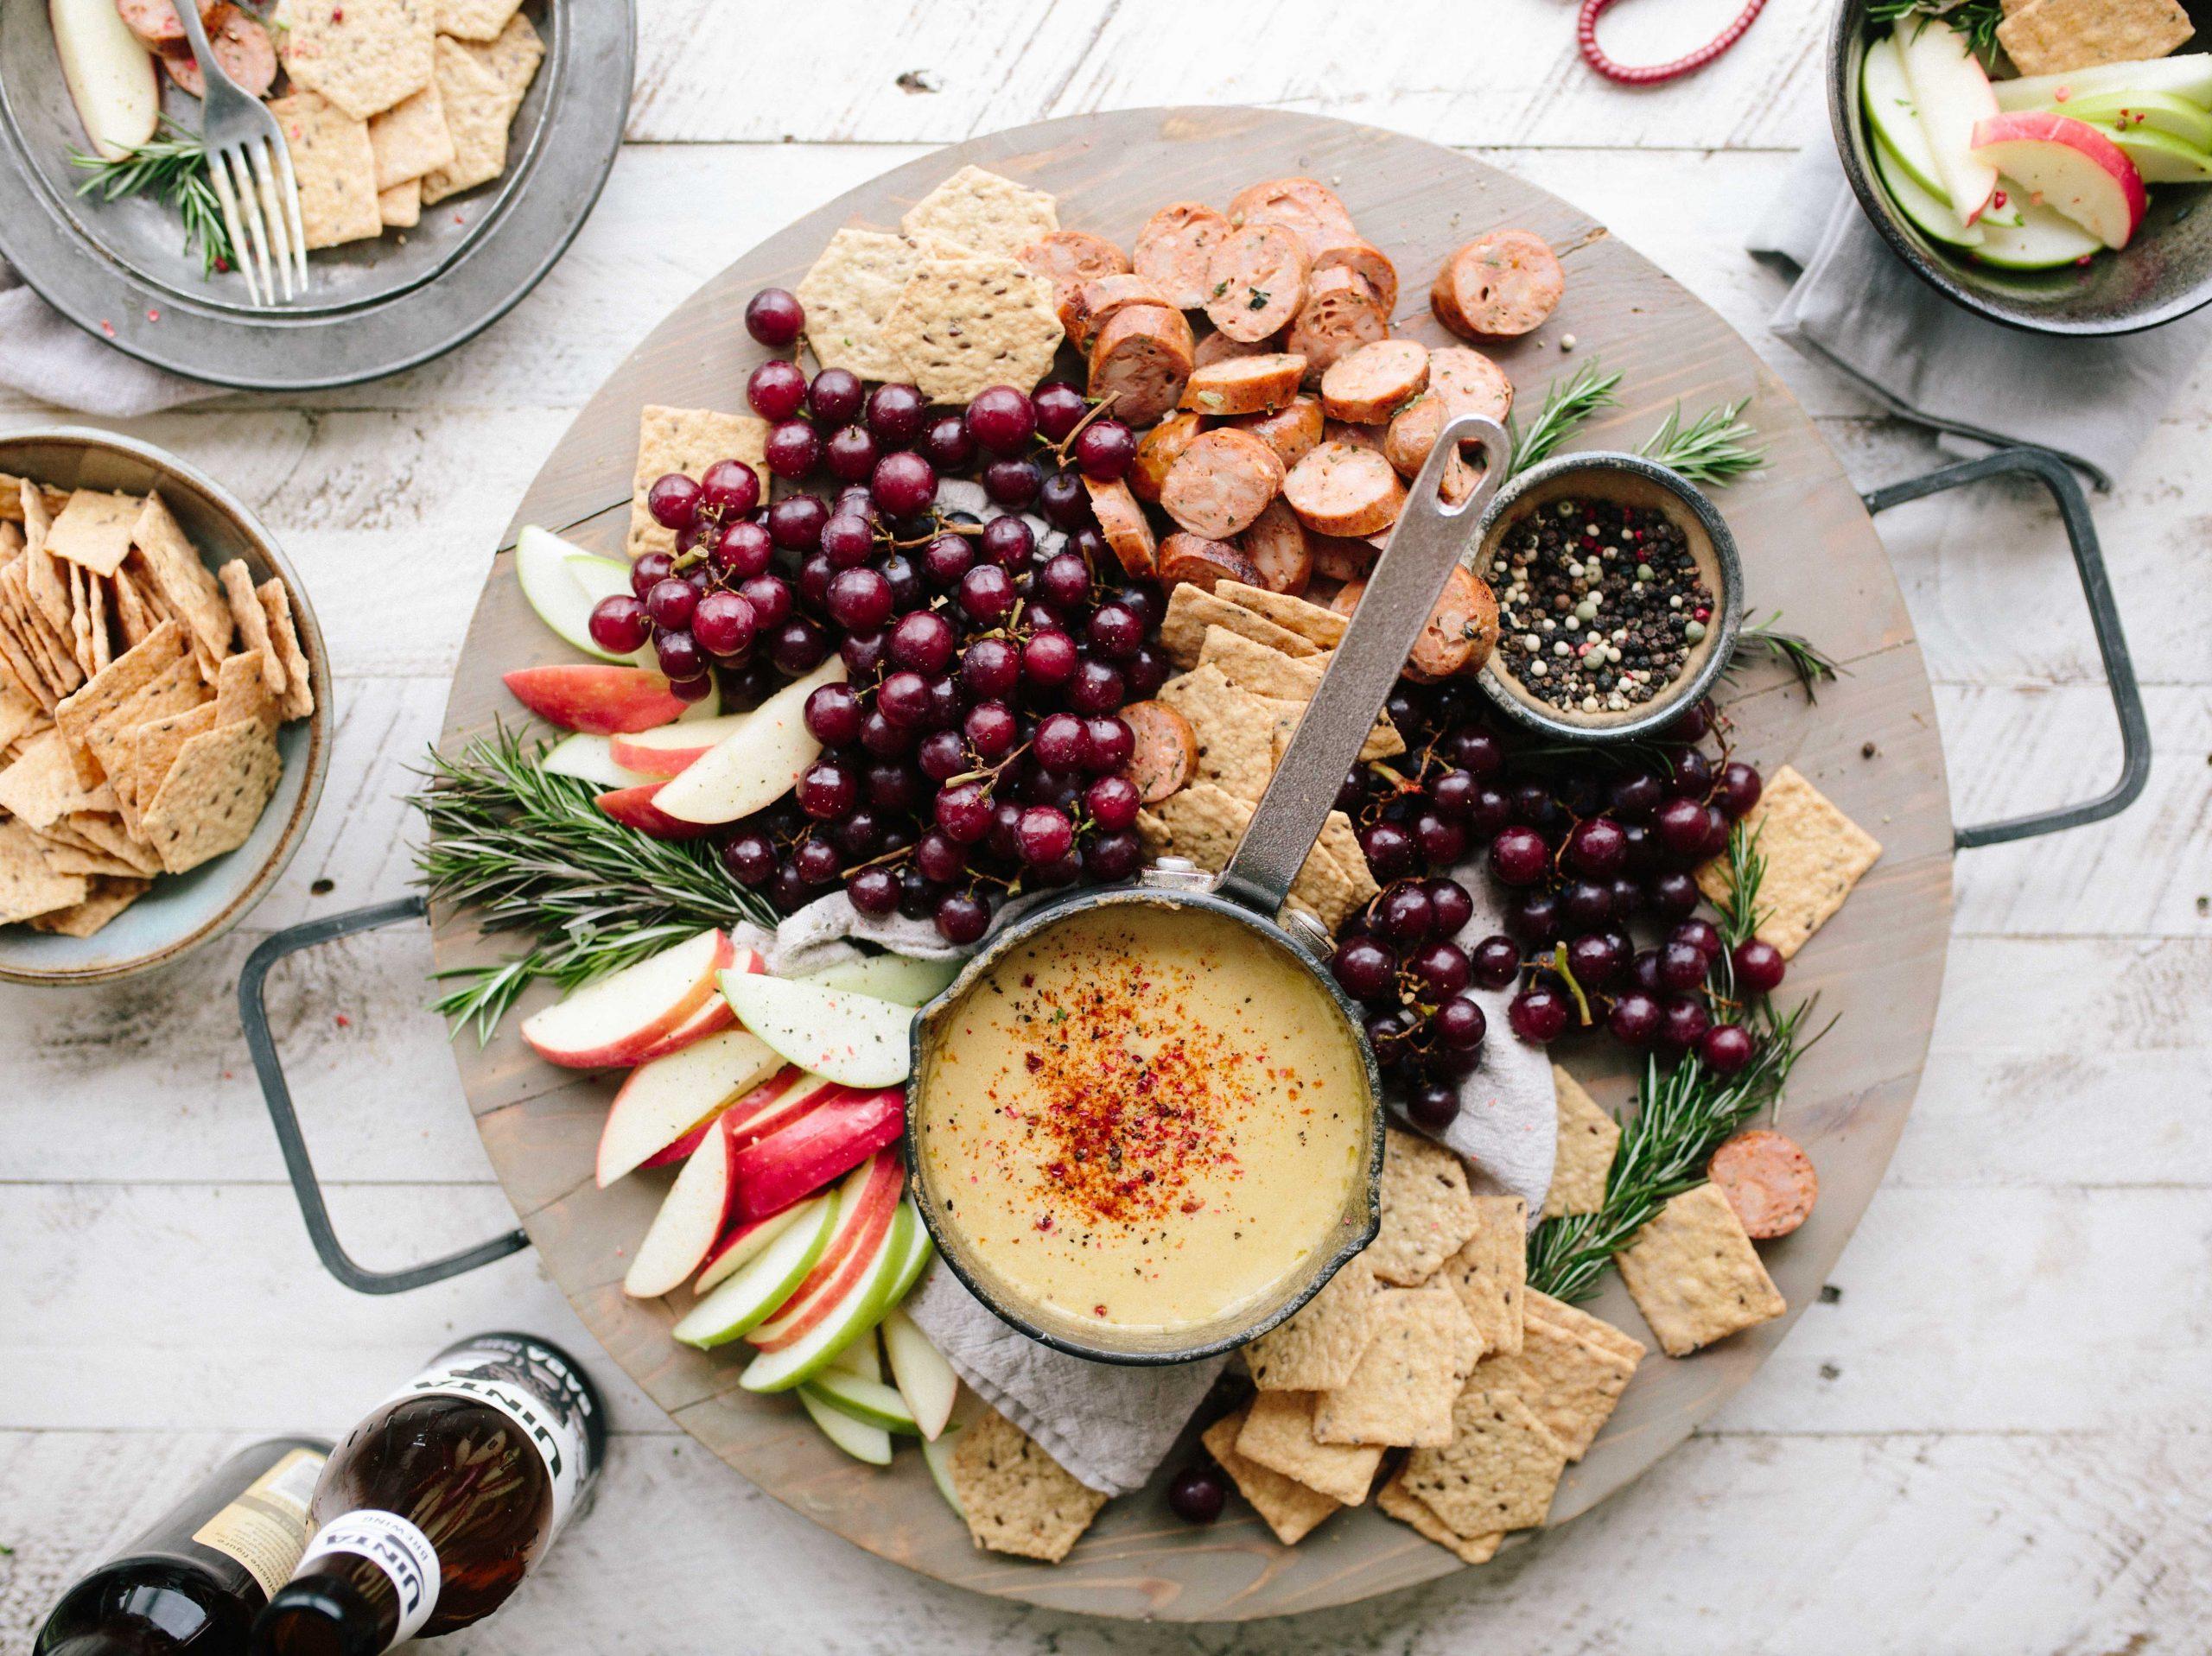 Una de las ventajas de la dieta mediterránea es la variedad. /Unsplash